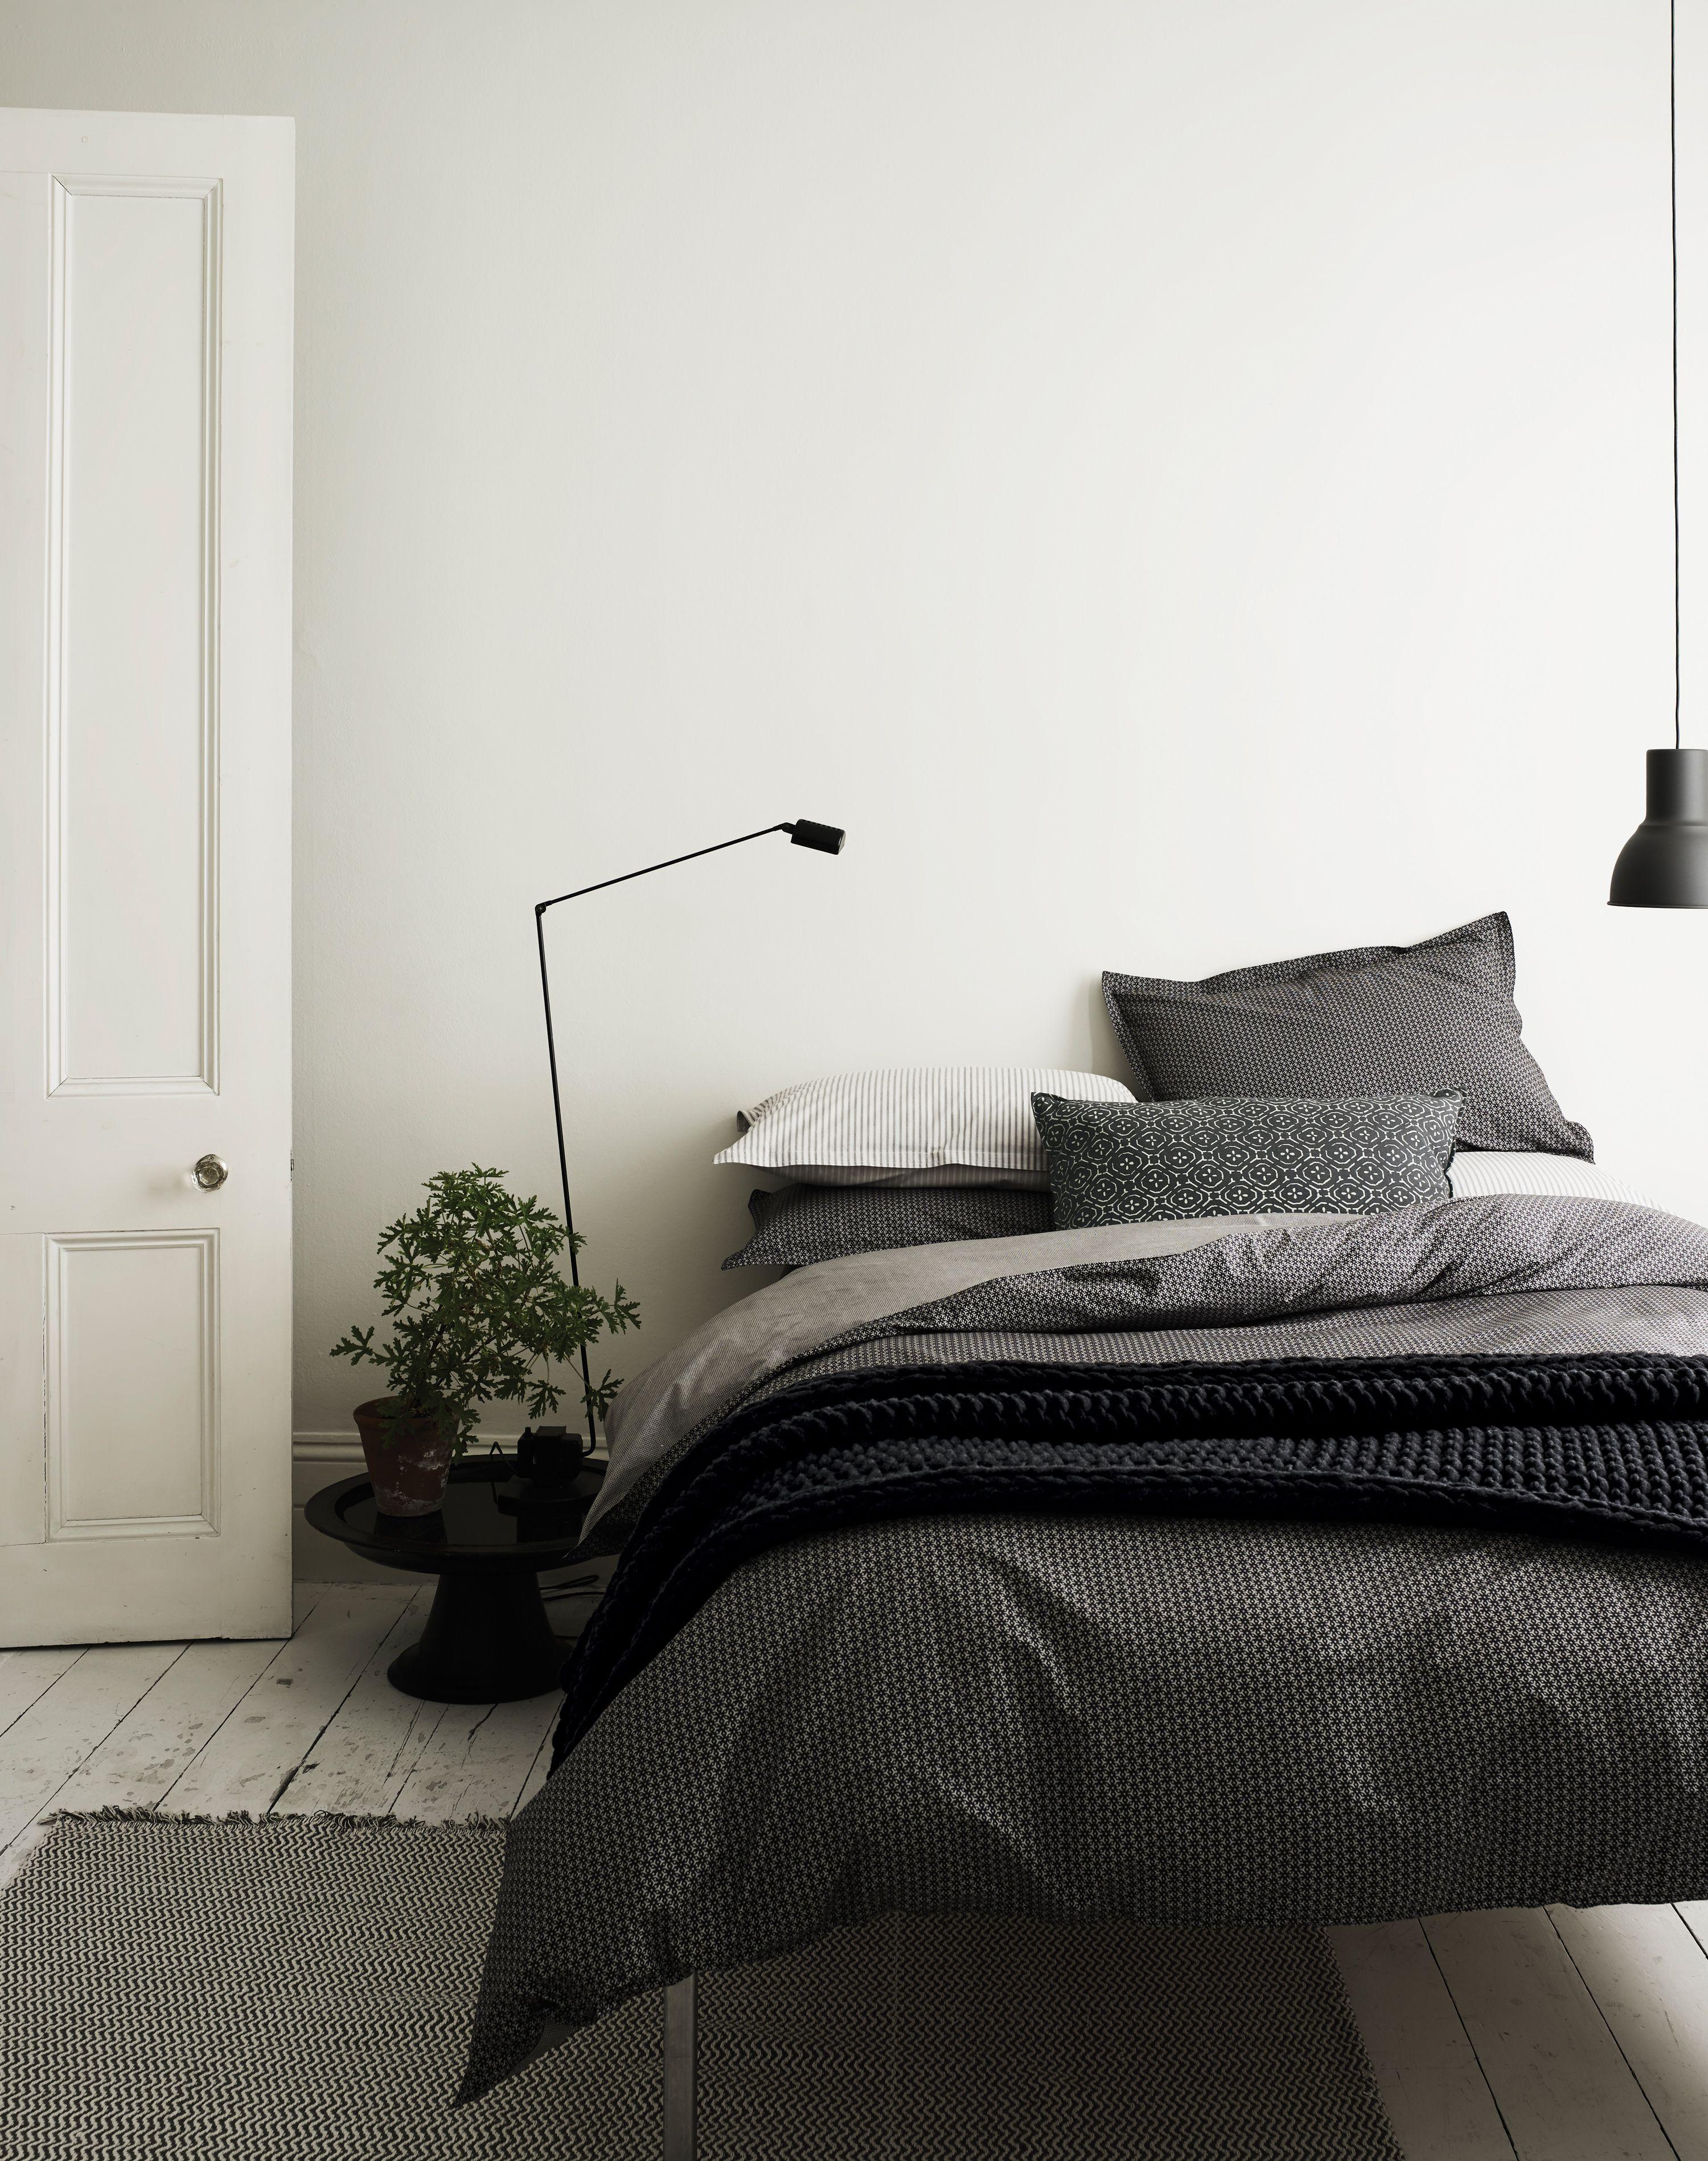 bedroom decor | grey bedding | simple Scandinavian bedroom | modern ...